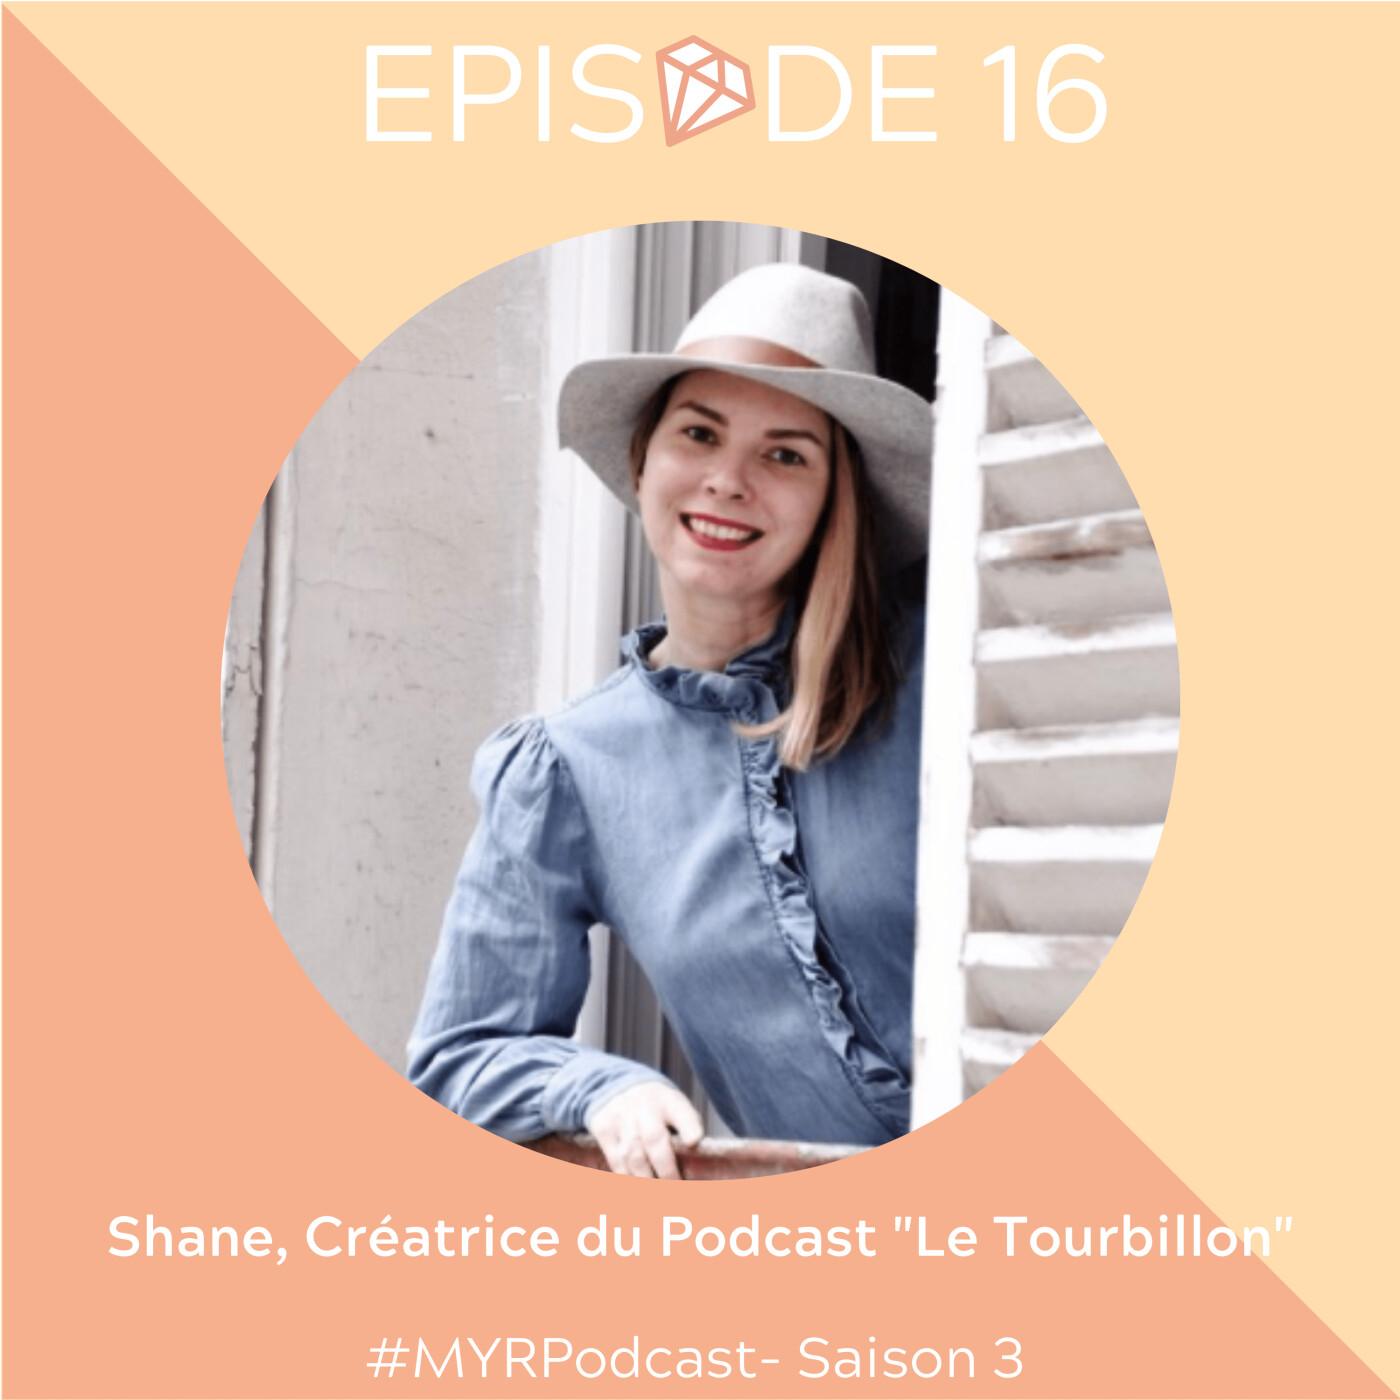 """#16 Shane Love, créatrice du podcast """"Le Tourbillon"""" : La vie est comme on la fait"""